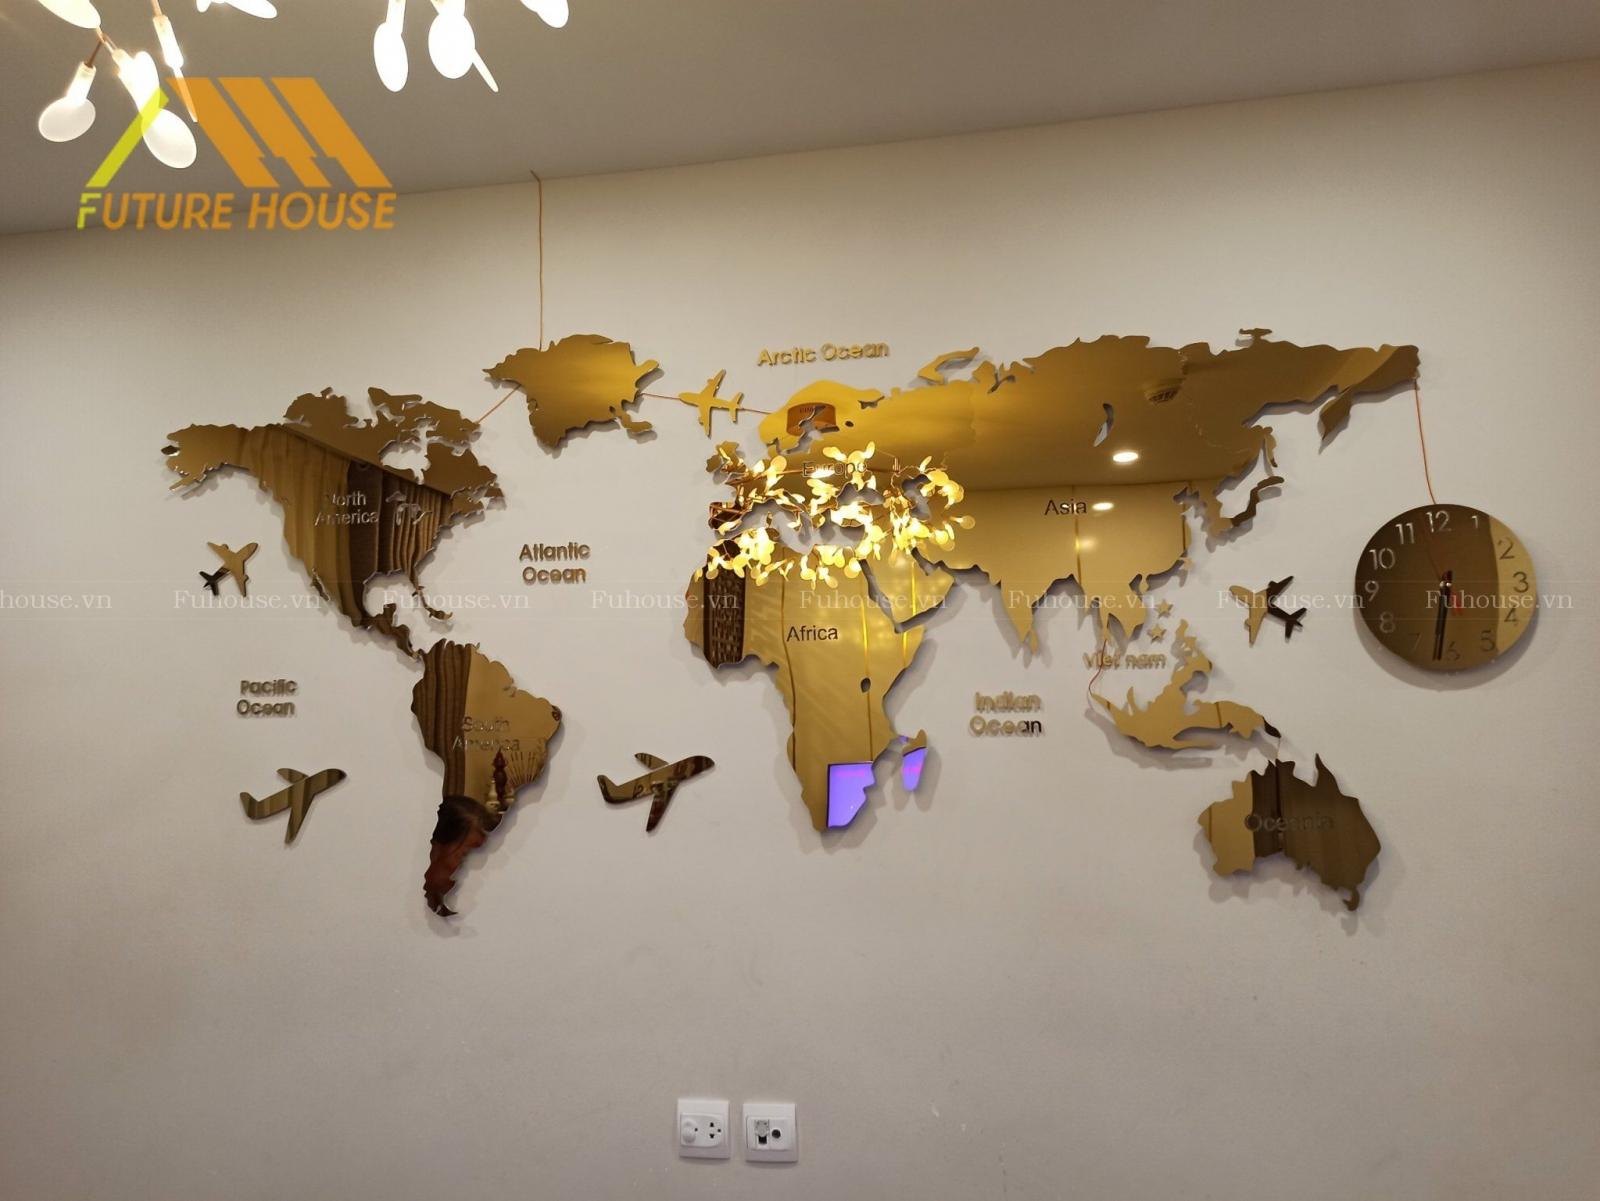 bản đồ inox mạ vàng cao cấp